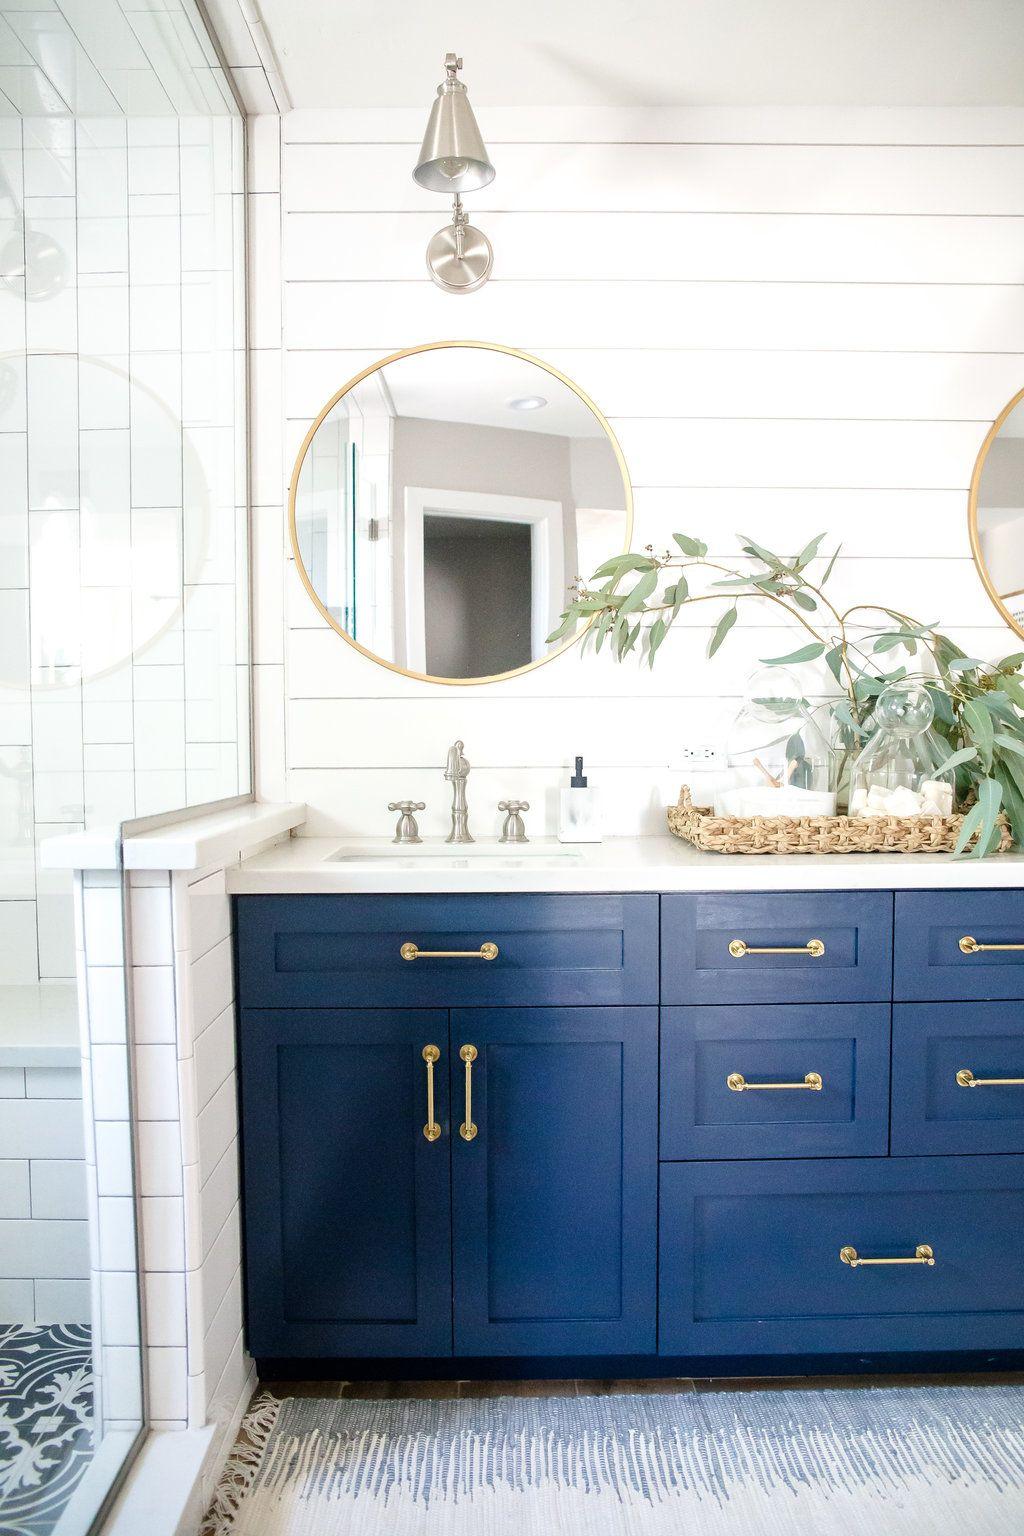 Blue Bathroom Vanity Unique Bathroom Unique Bathroom Vanity [ 1536 x 1024 Pixel ]